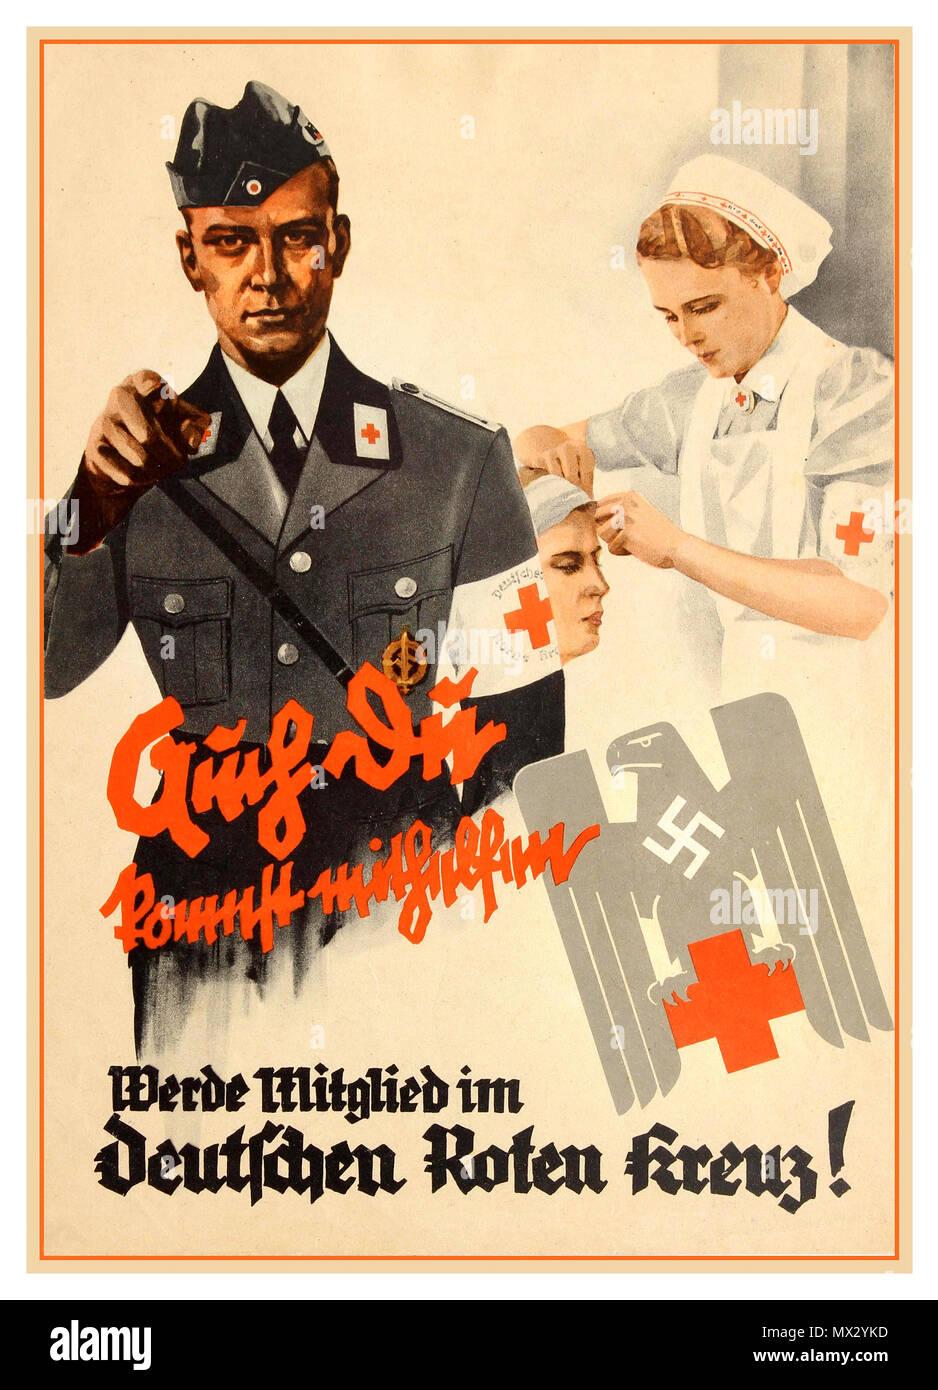 Photo affiche allemande 1940 Faites confiance au soldat allemand WW2